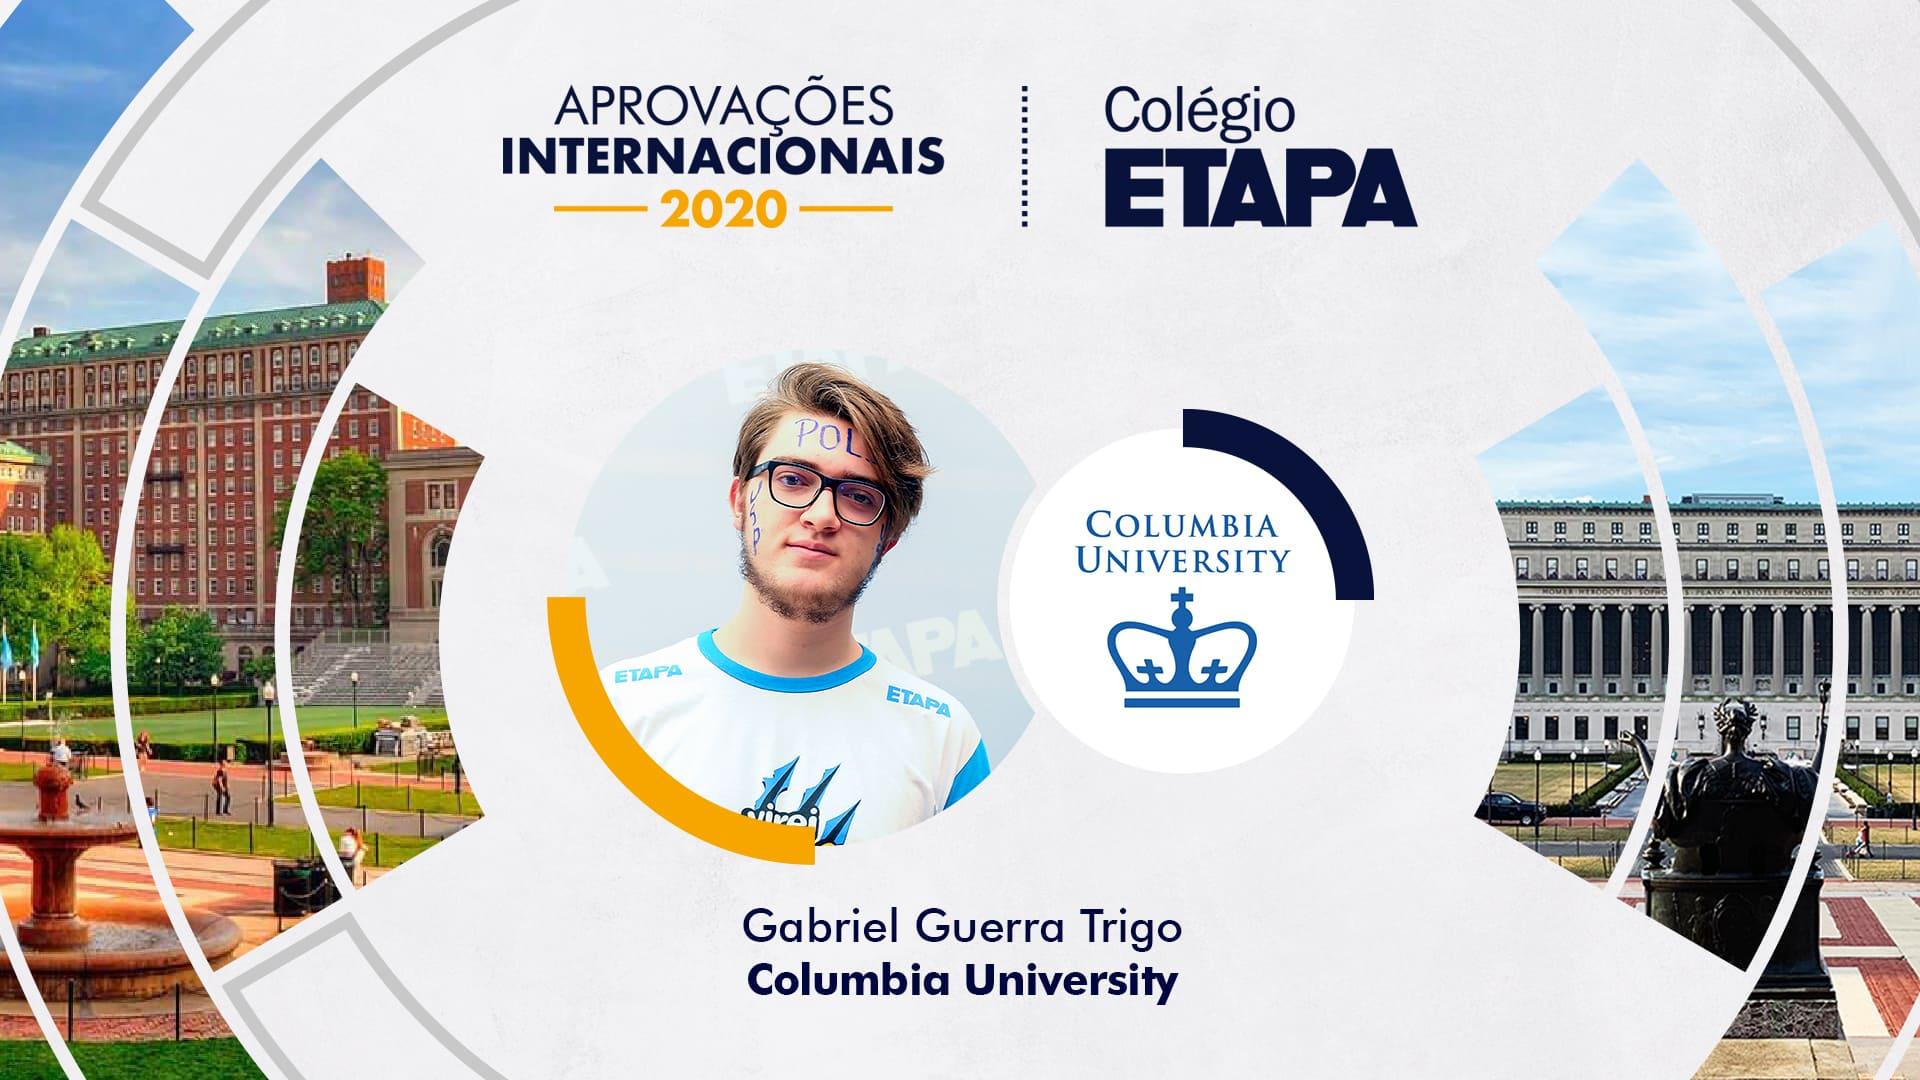 Gabriel Guerra Trigo já conquistou mais de 20 medalhas em importantes competições estudantis.